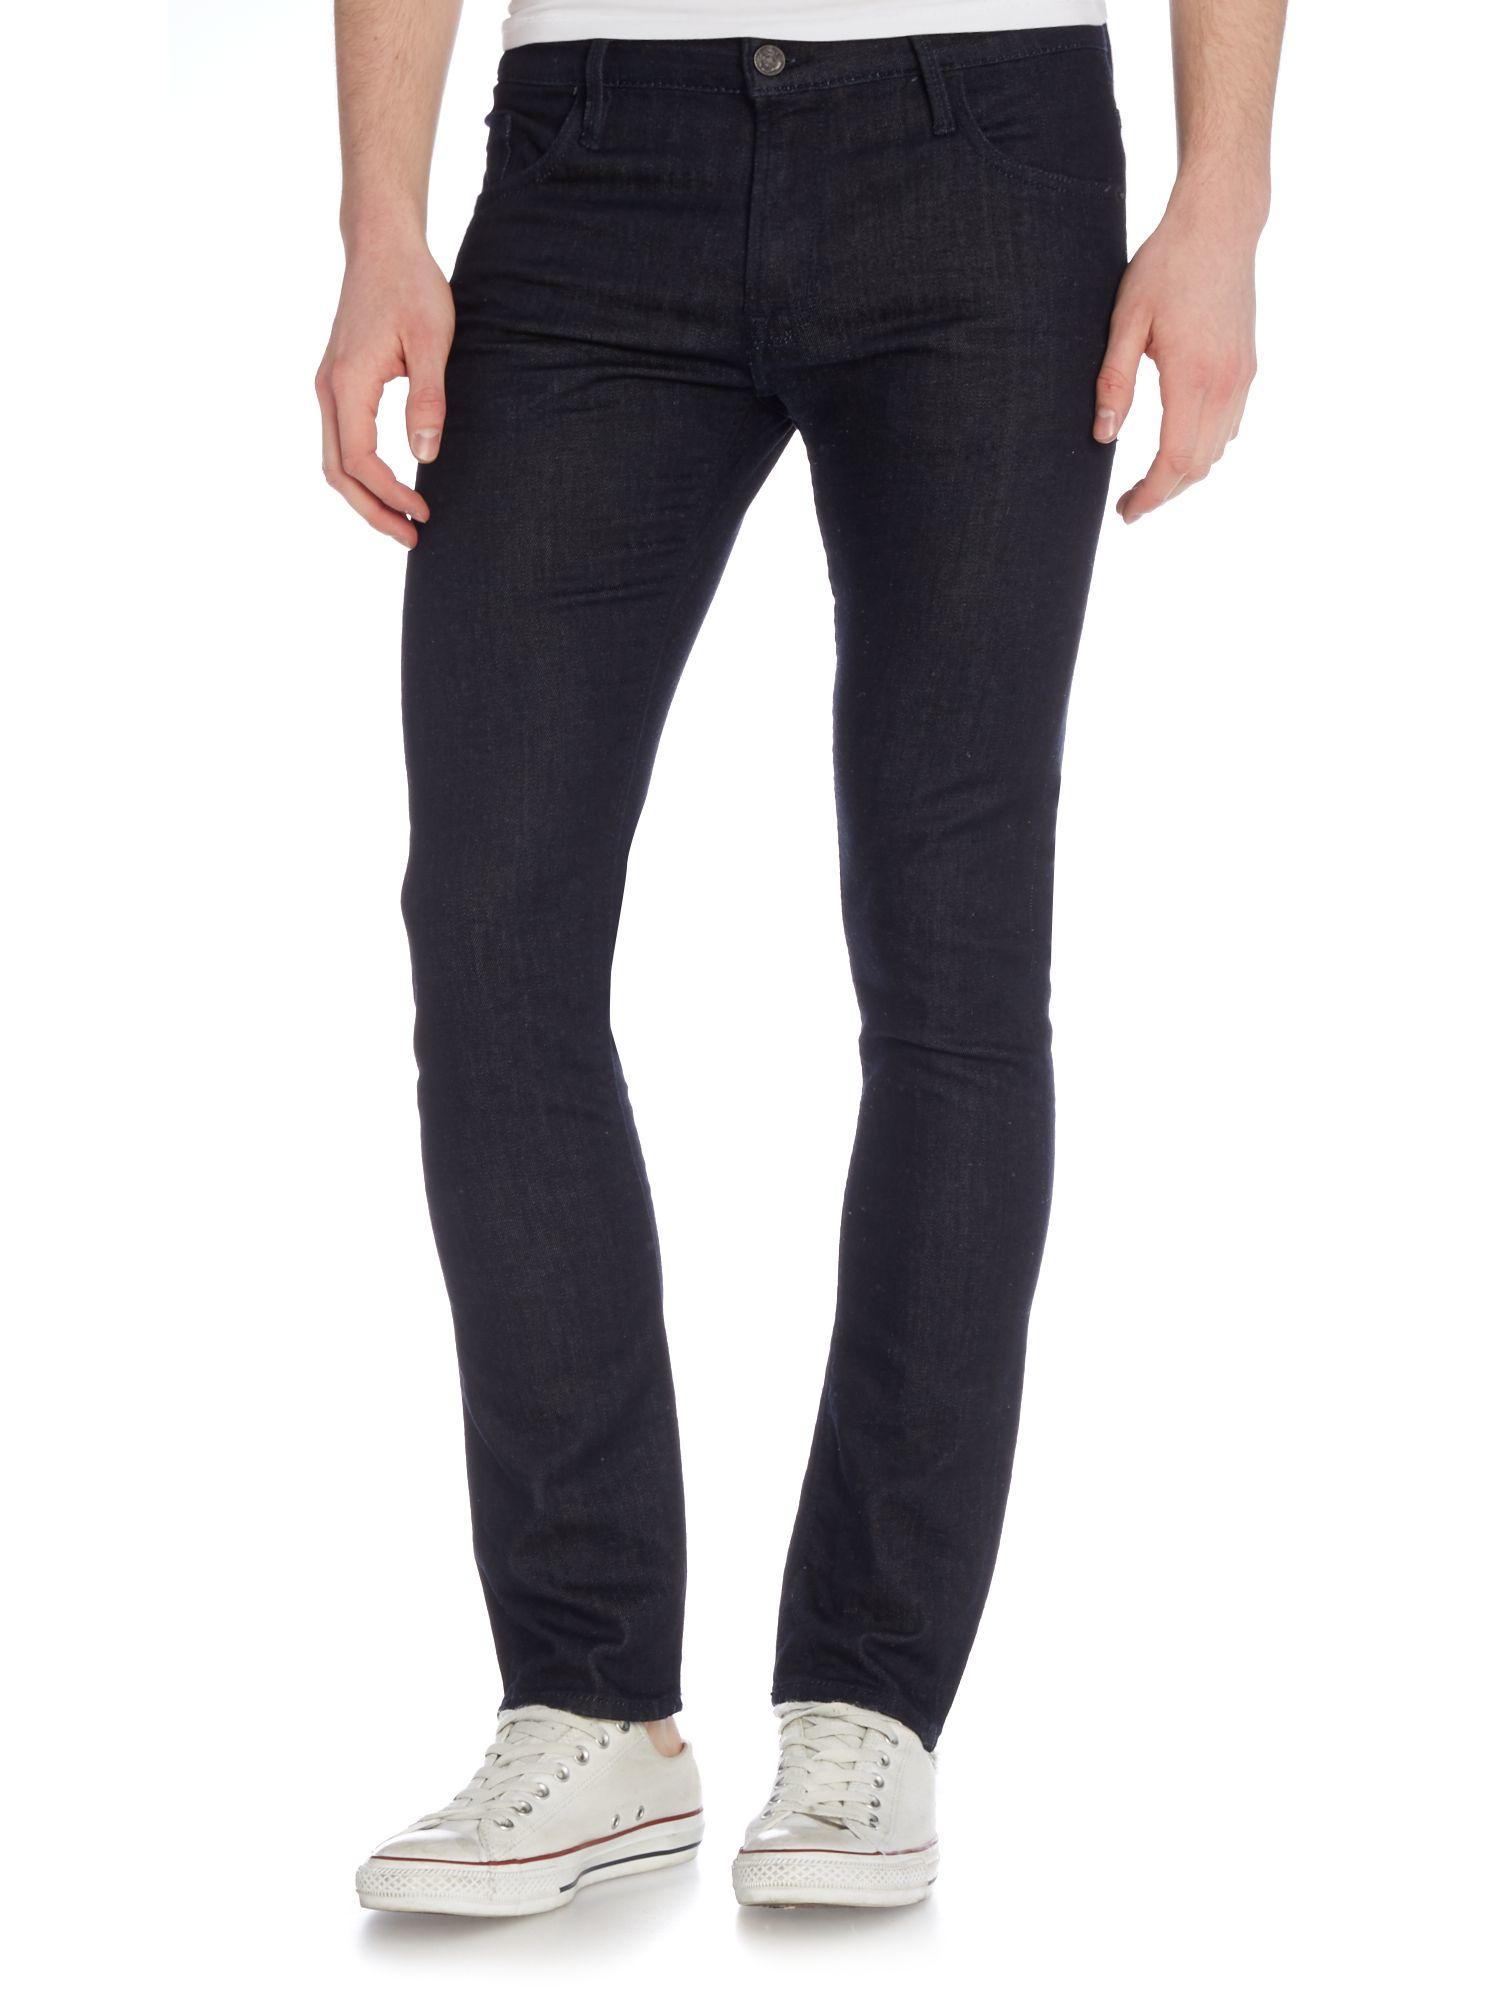 hugo boss orange 25 black rigid jeans black. Black Bedroom Furniture Sets. Home Design Ideas